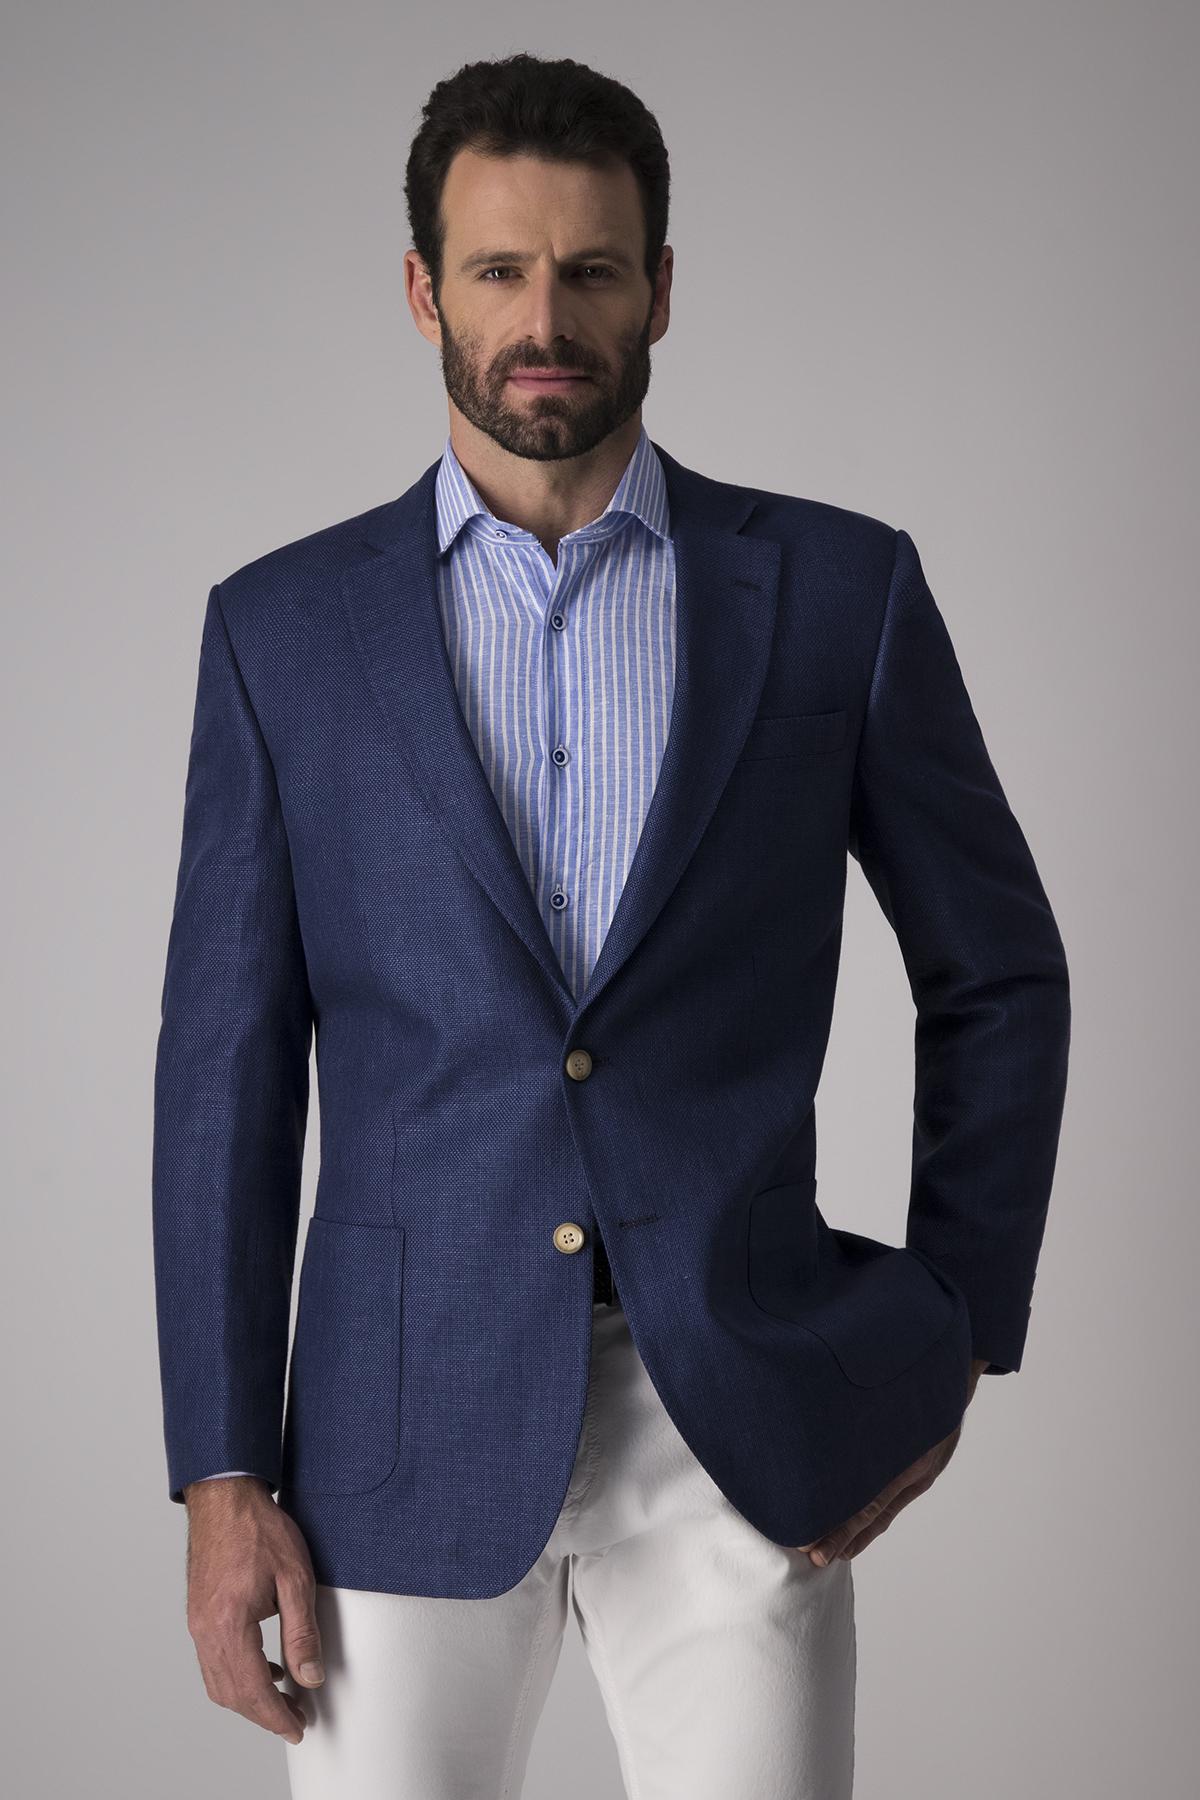 Saco Robert´s   Regular fit, algodón y lino, color azul.